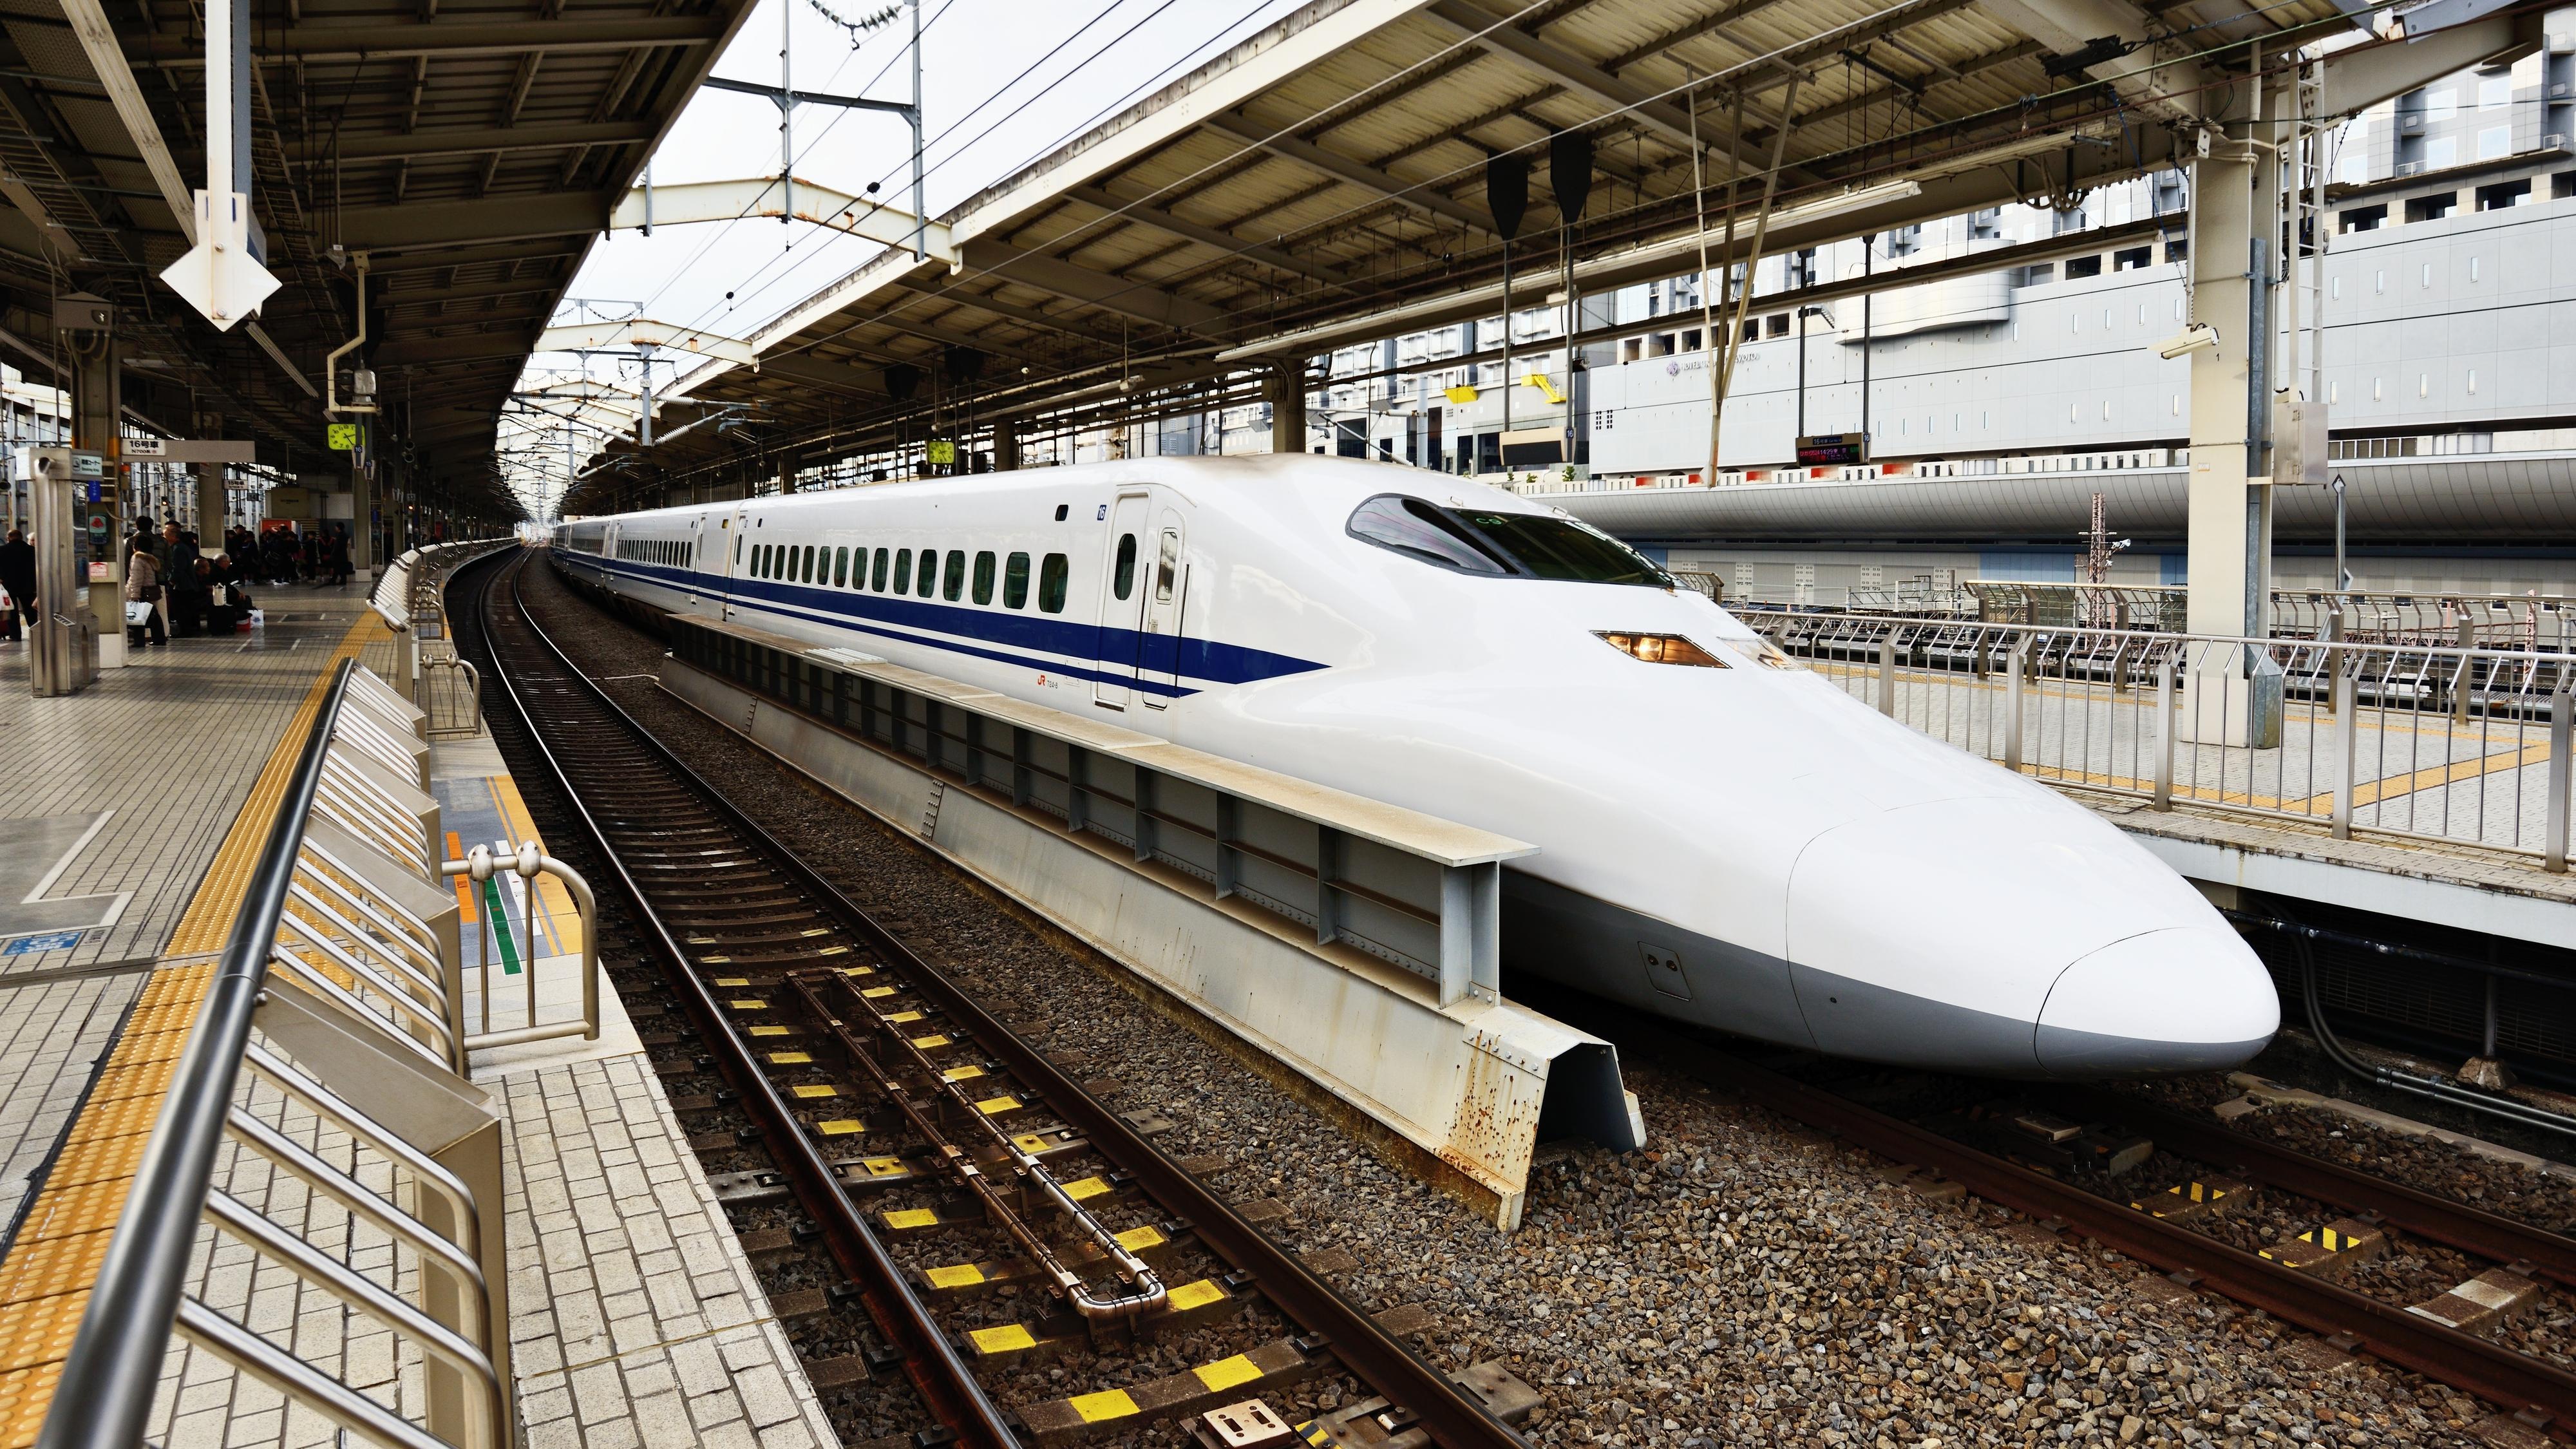 Mistet fotoutstyr for 40 000 kroner på tog – fikk alt tilbake